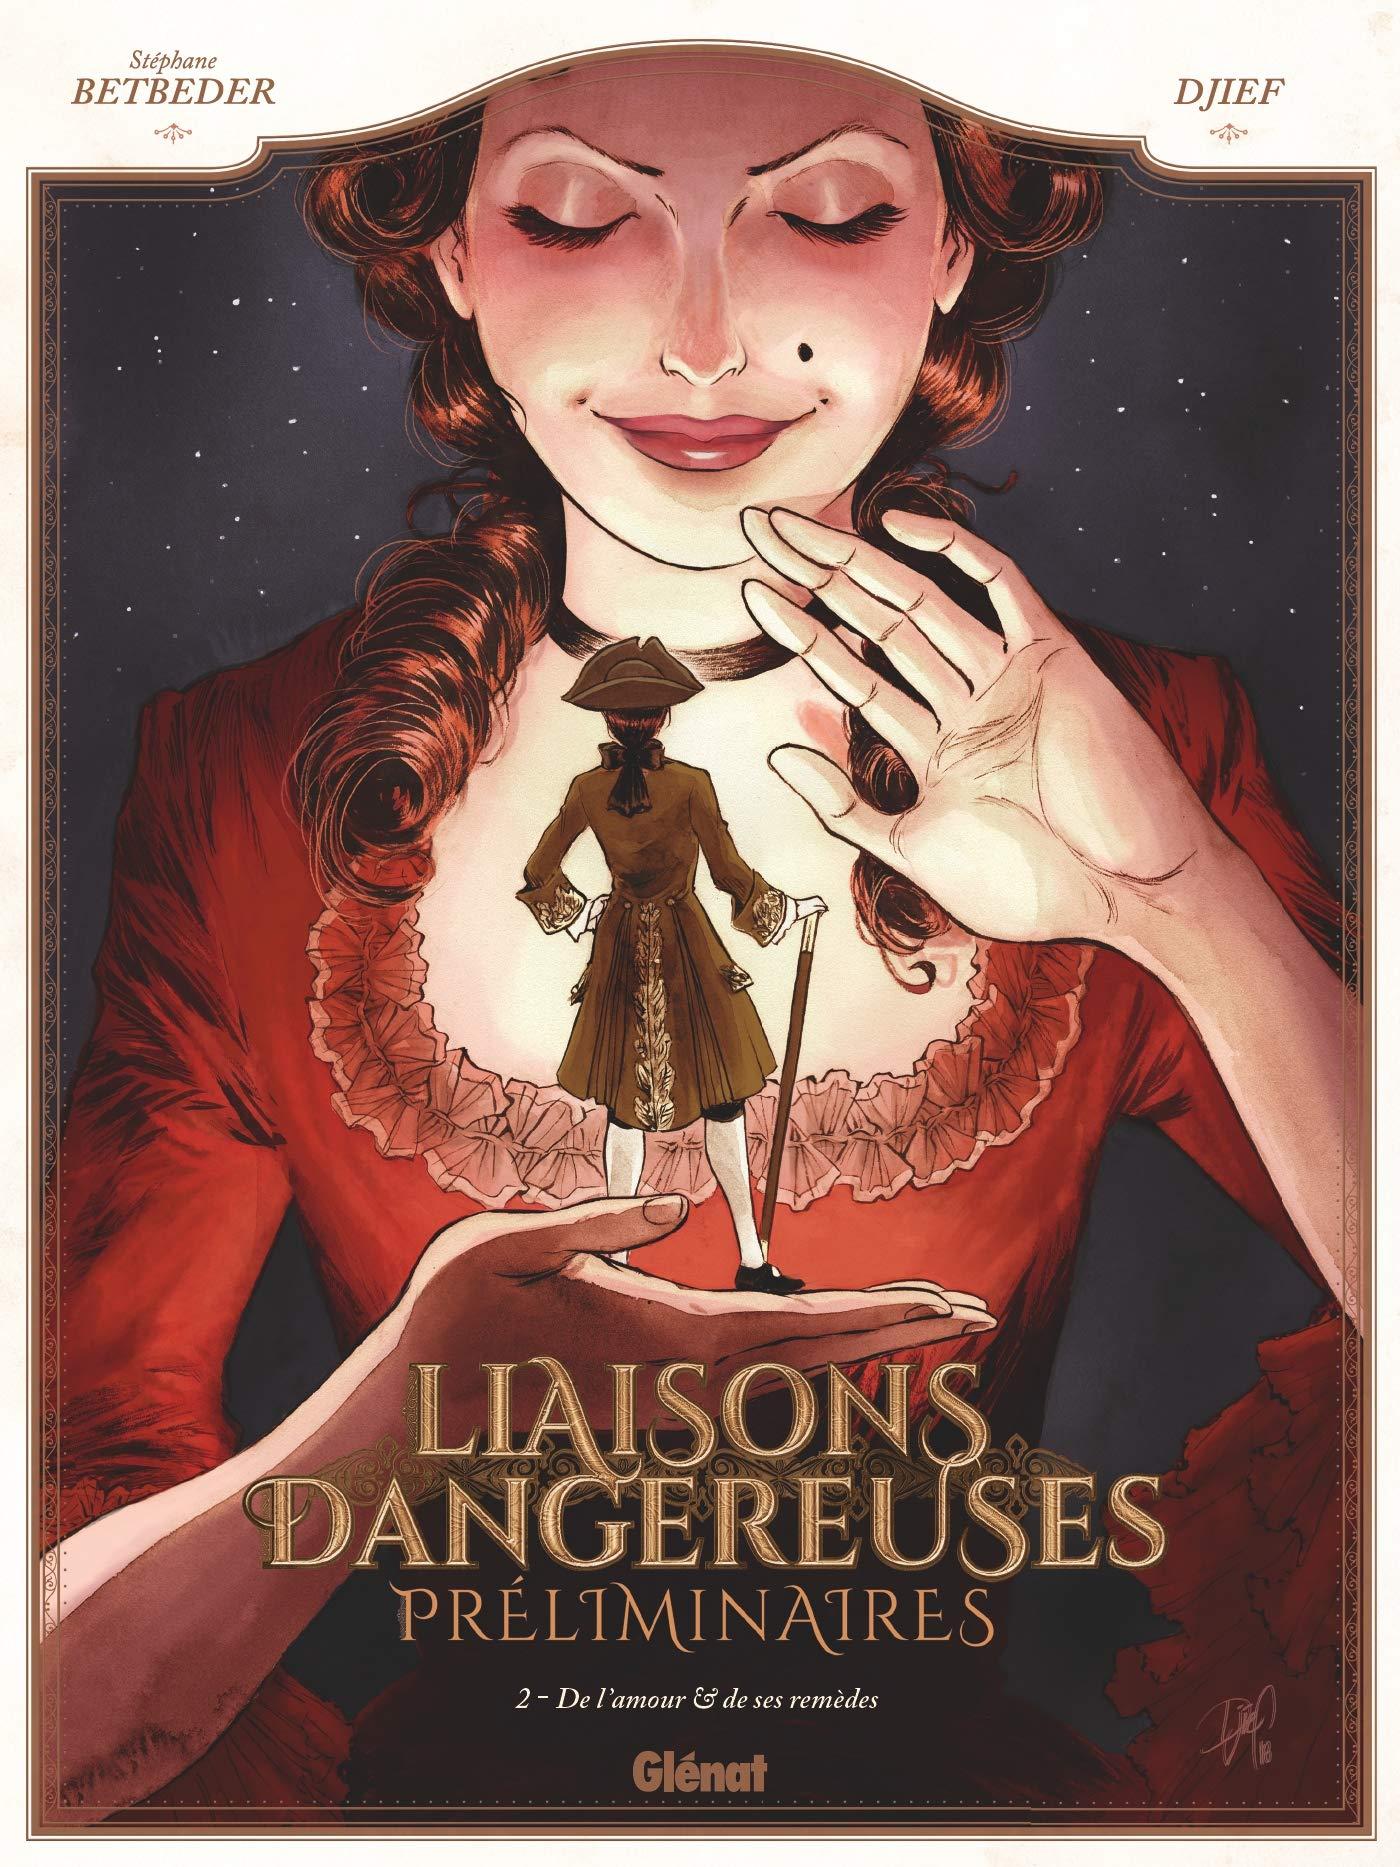 Liaisons dangereuses - Préliminaires 2 - De la vertu et de ses usages